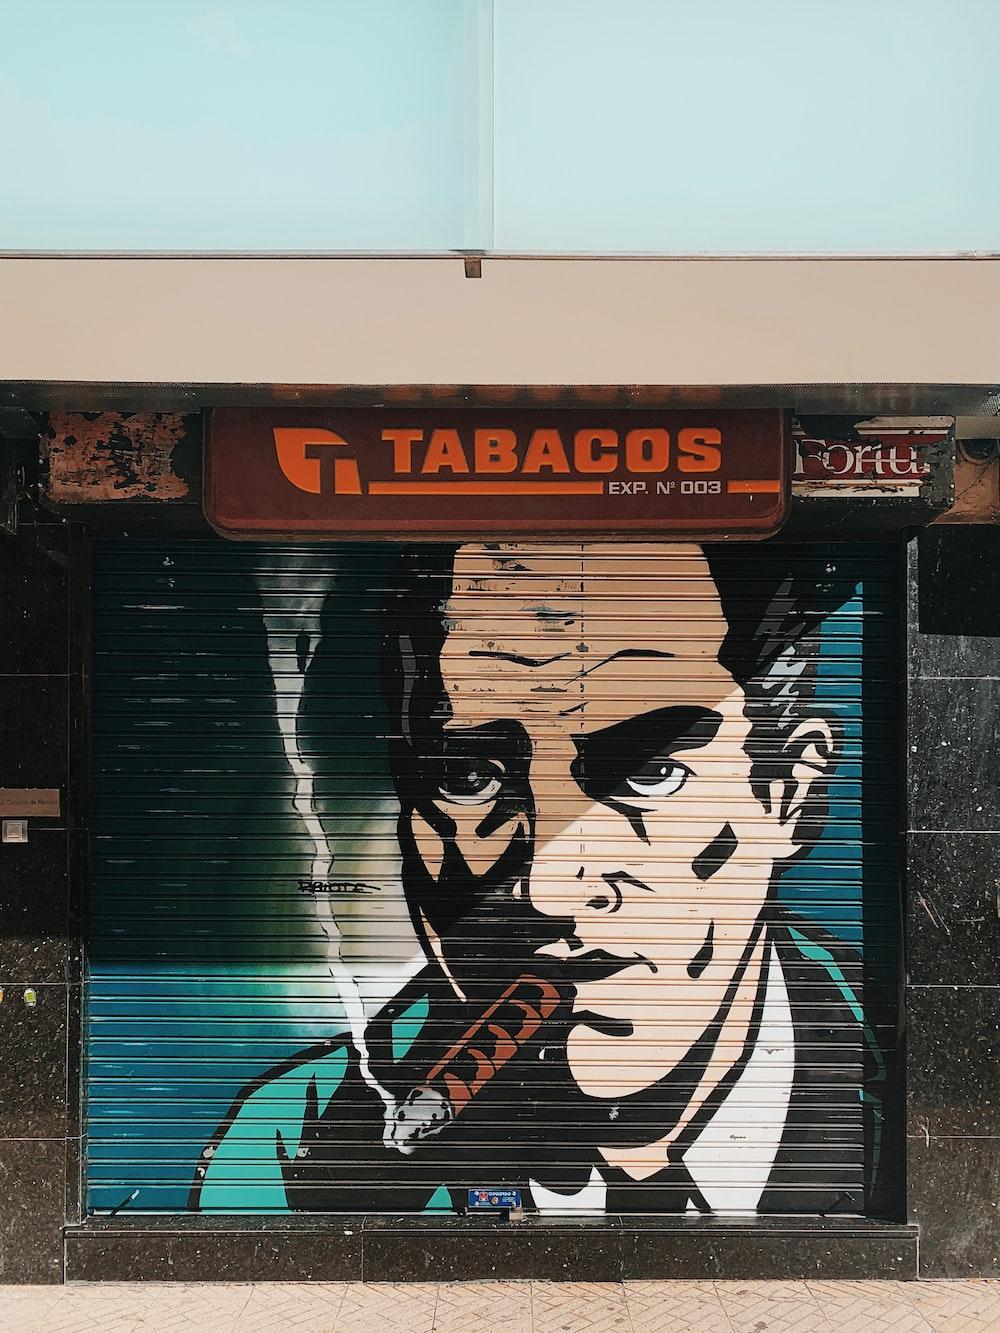 Tabacos signage